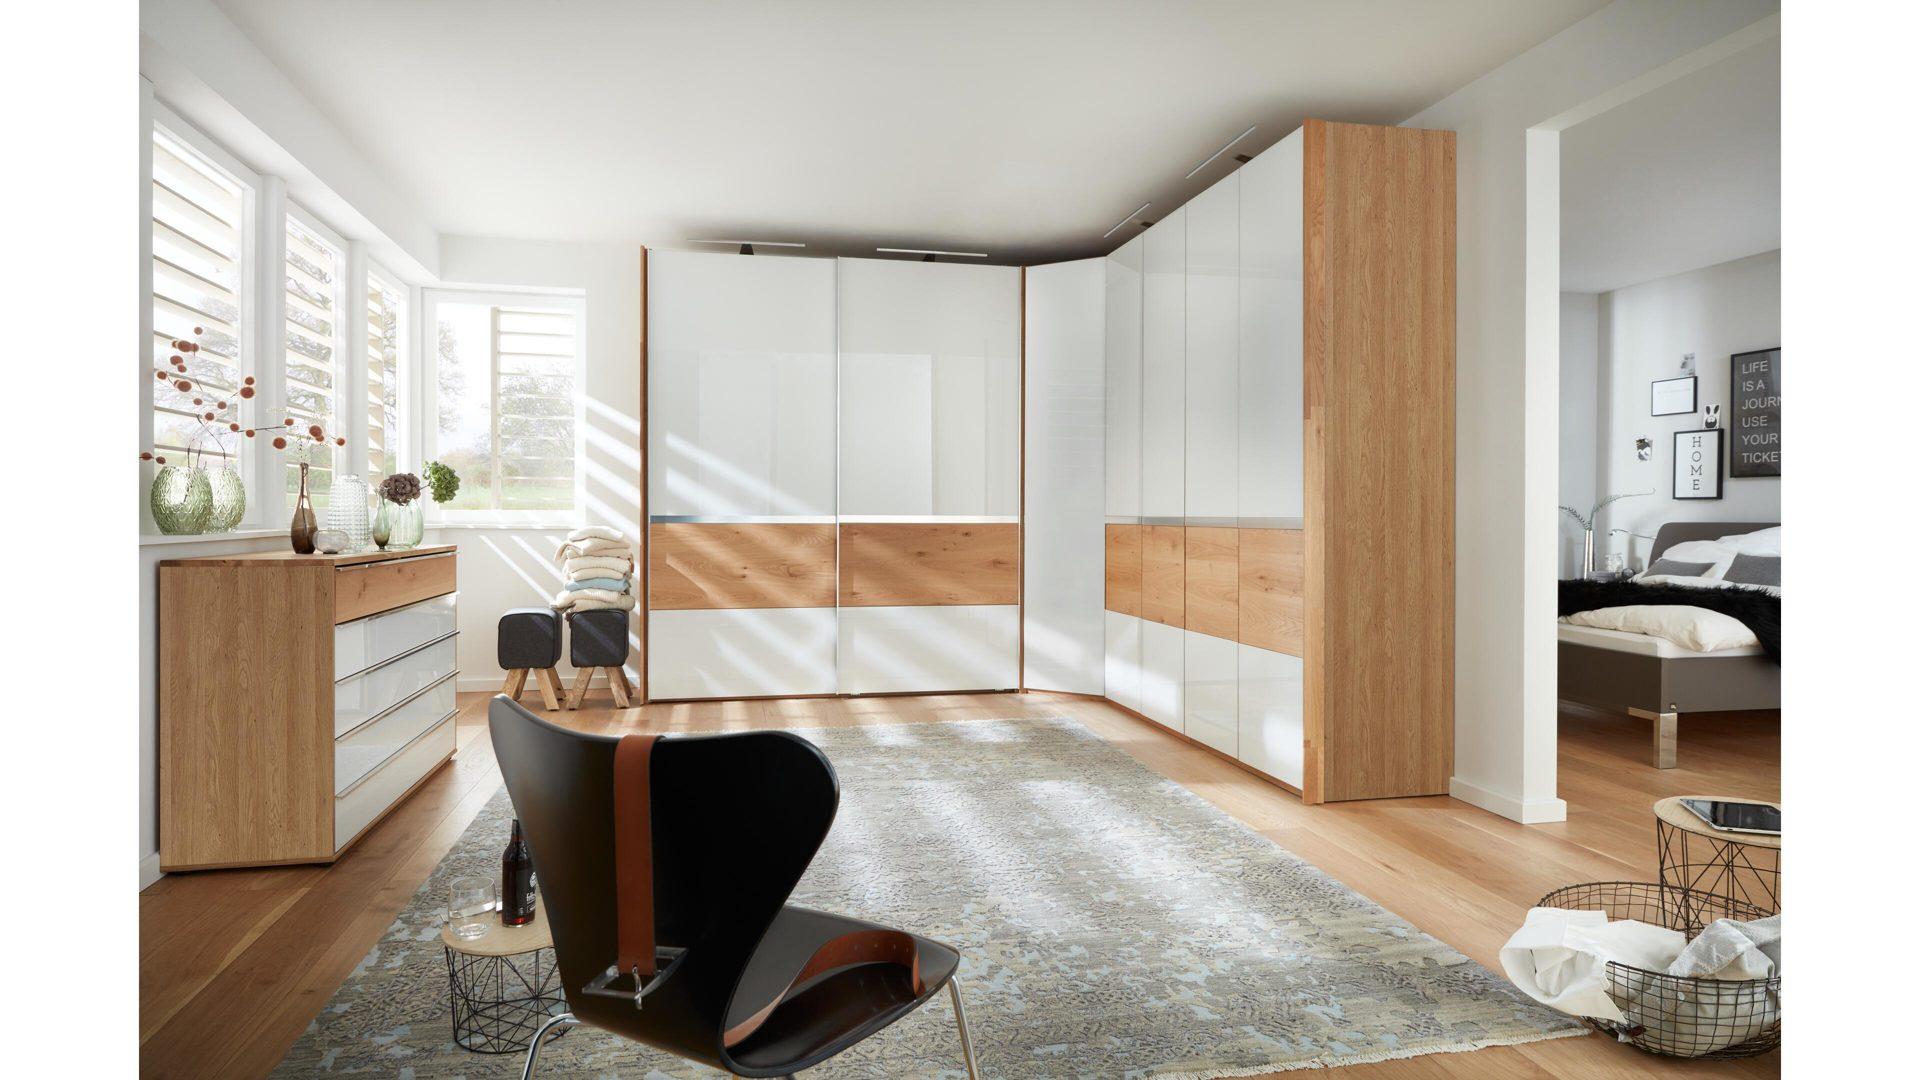 Interliving Schlafzimmer Serie 1202 – Eckschrankkombination, teilmassive  Balkeneiche & weißes Glas – dreiteilig